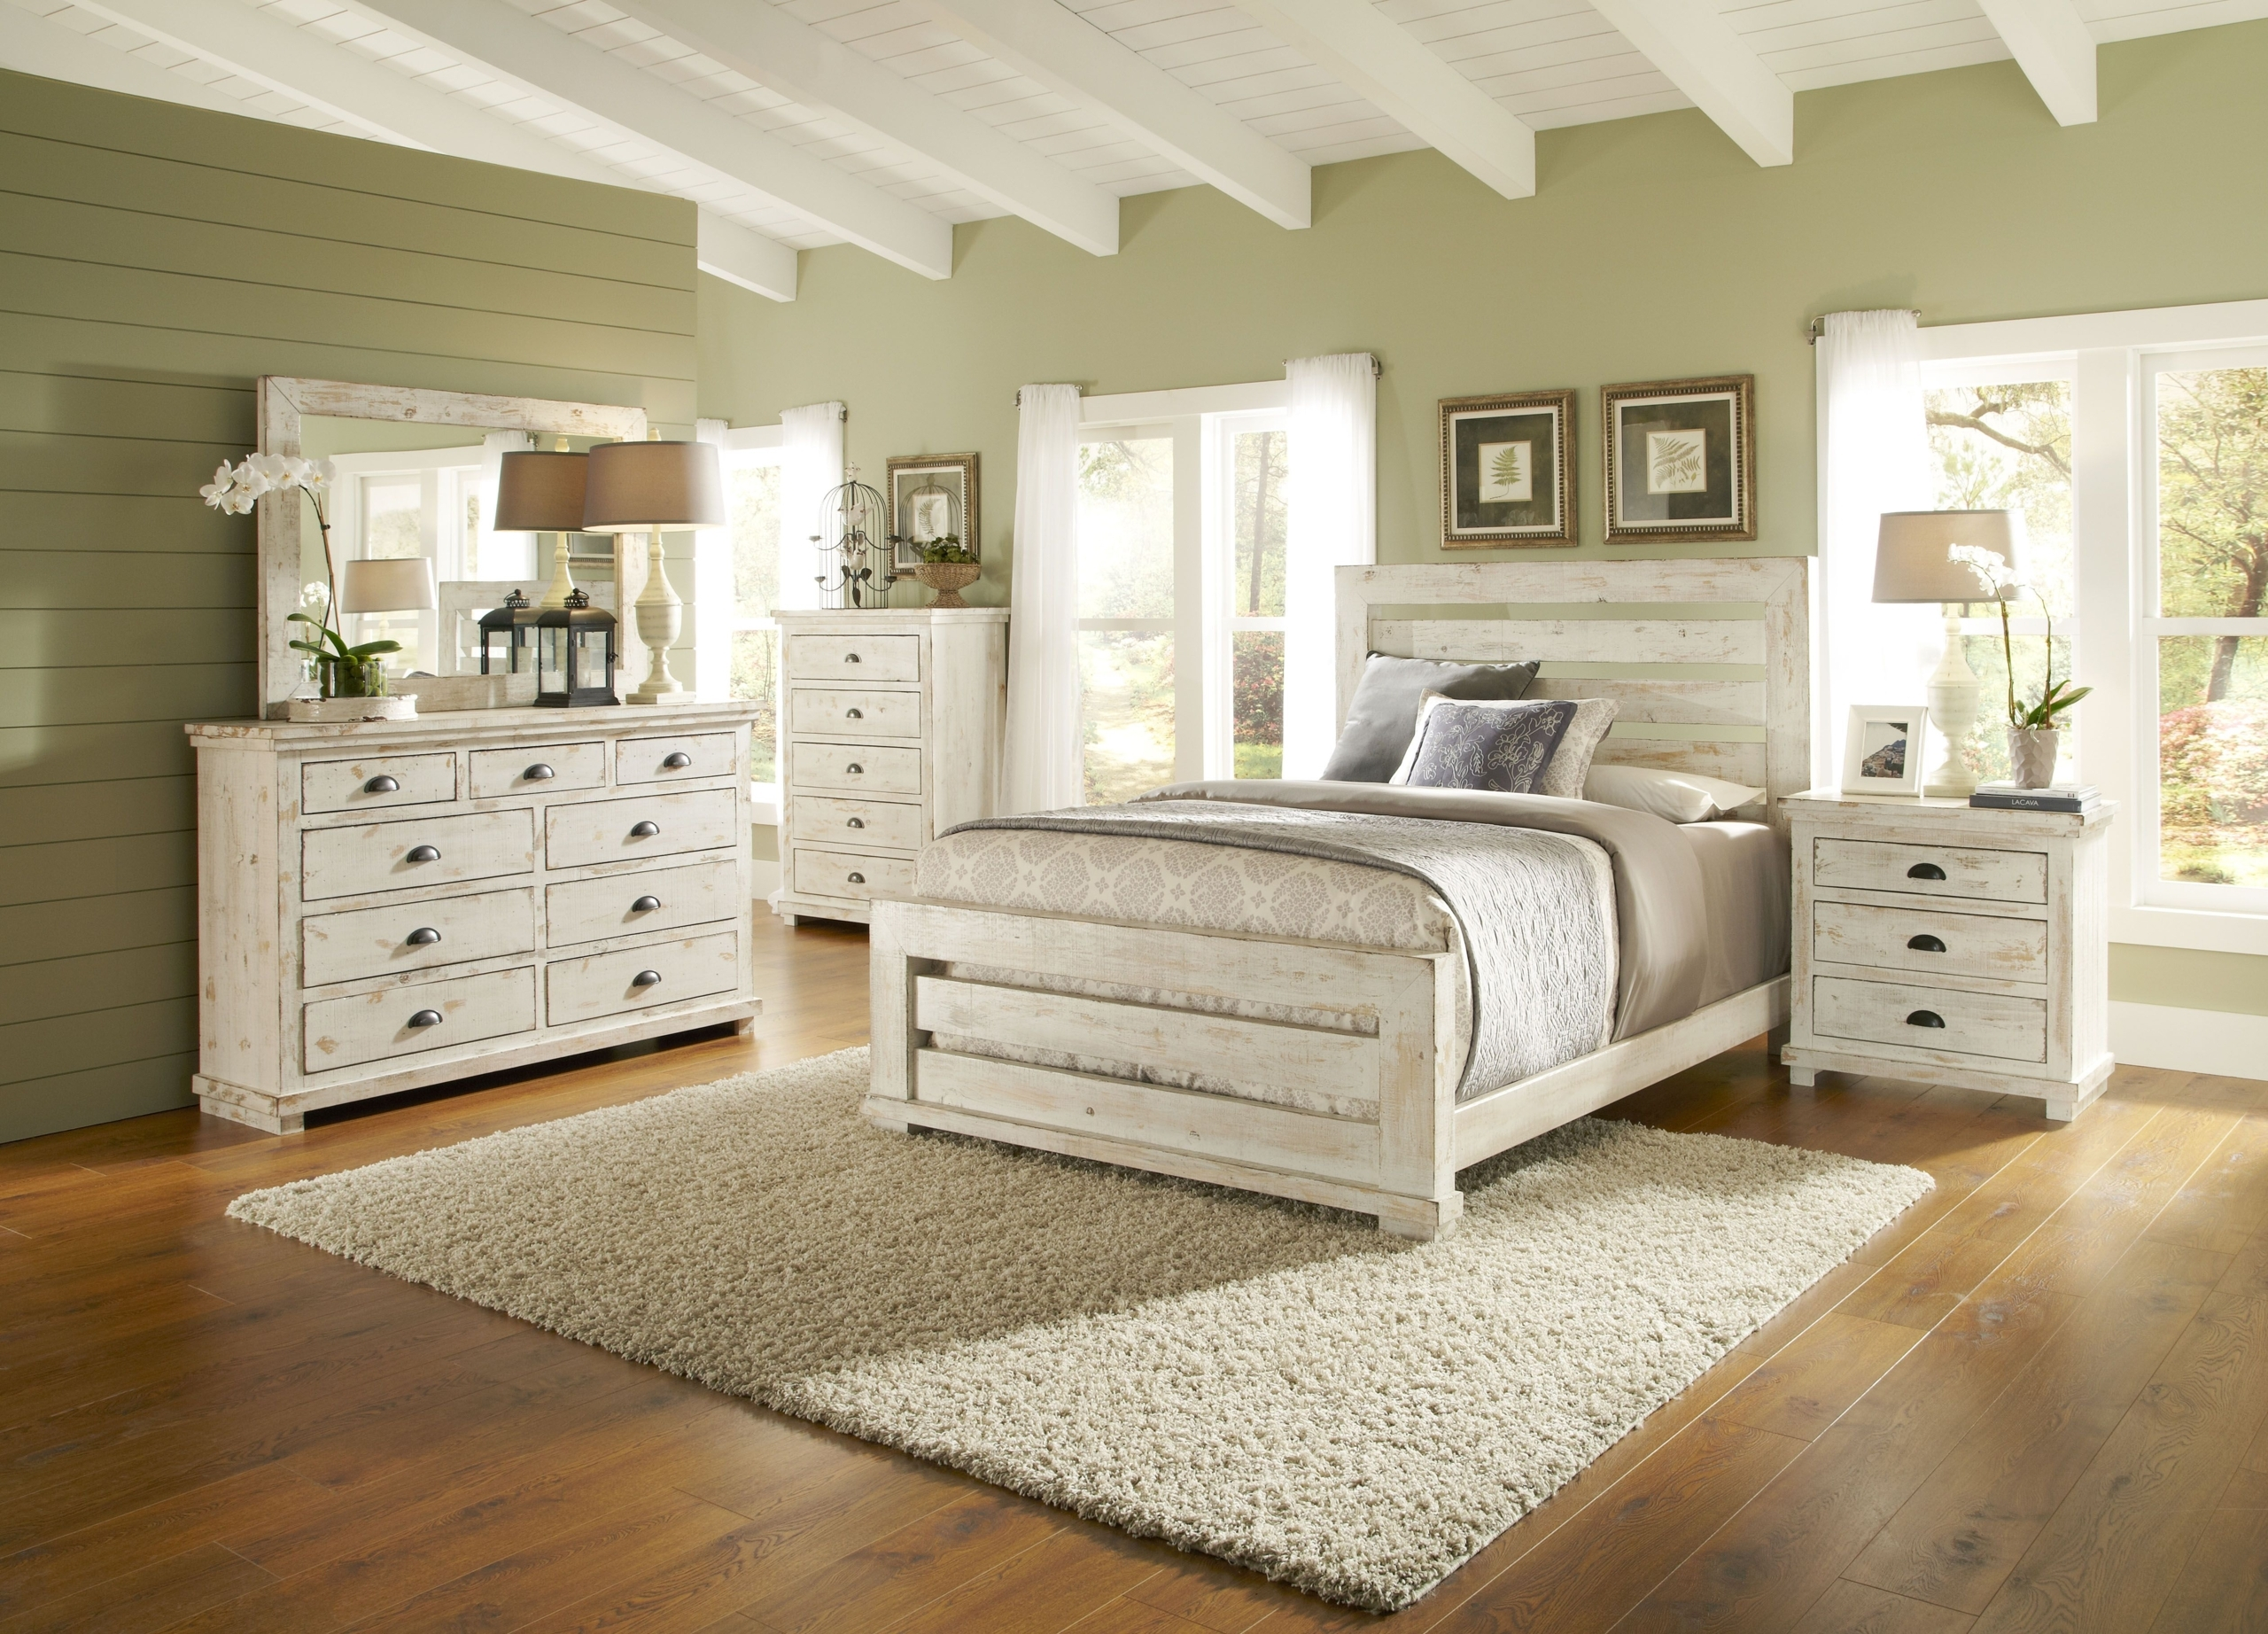 distressed wood bedroom sets ideas on